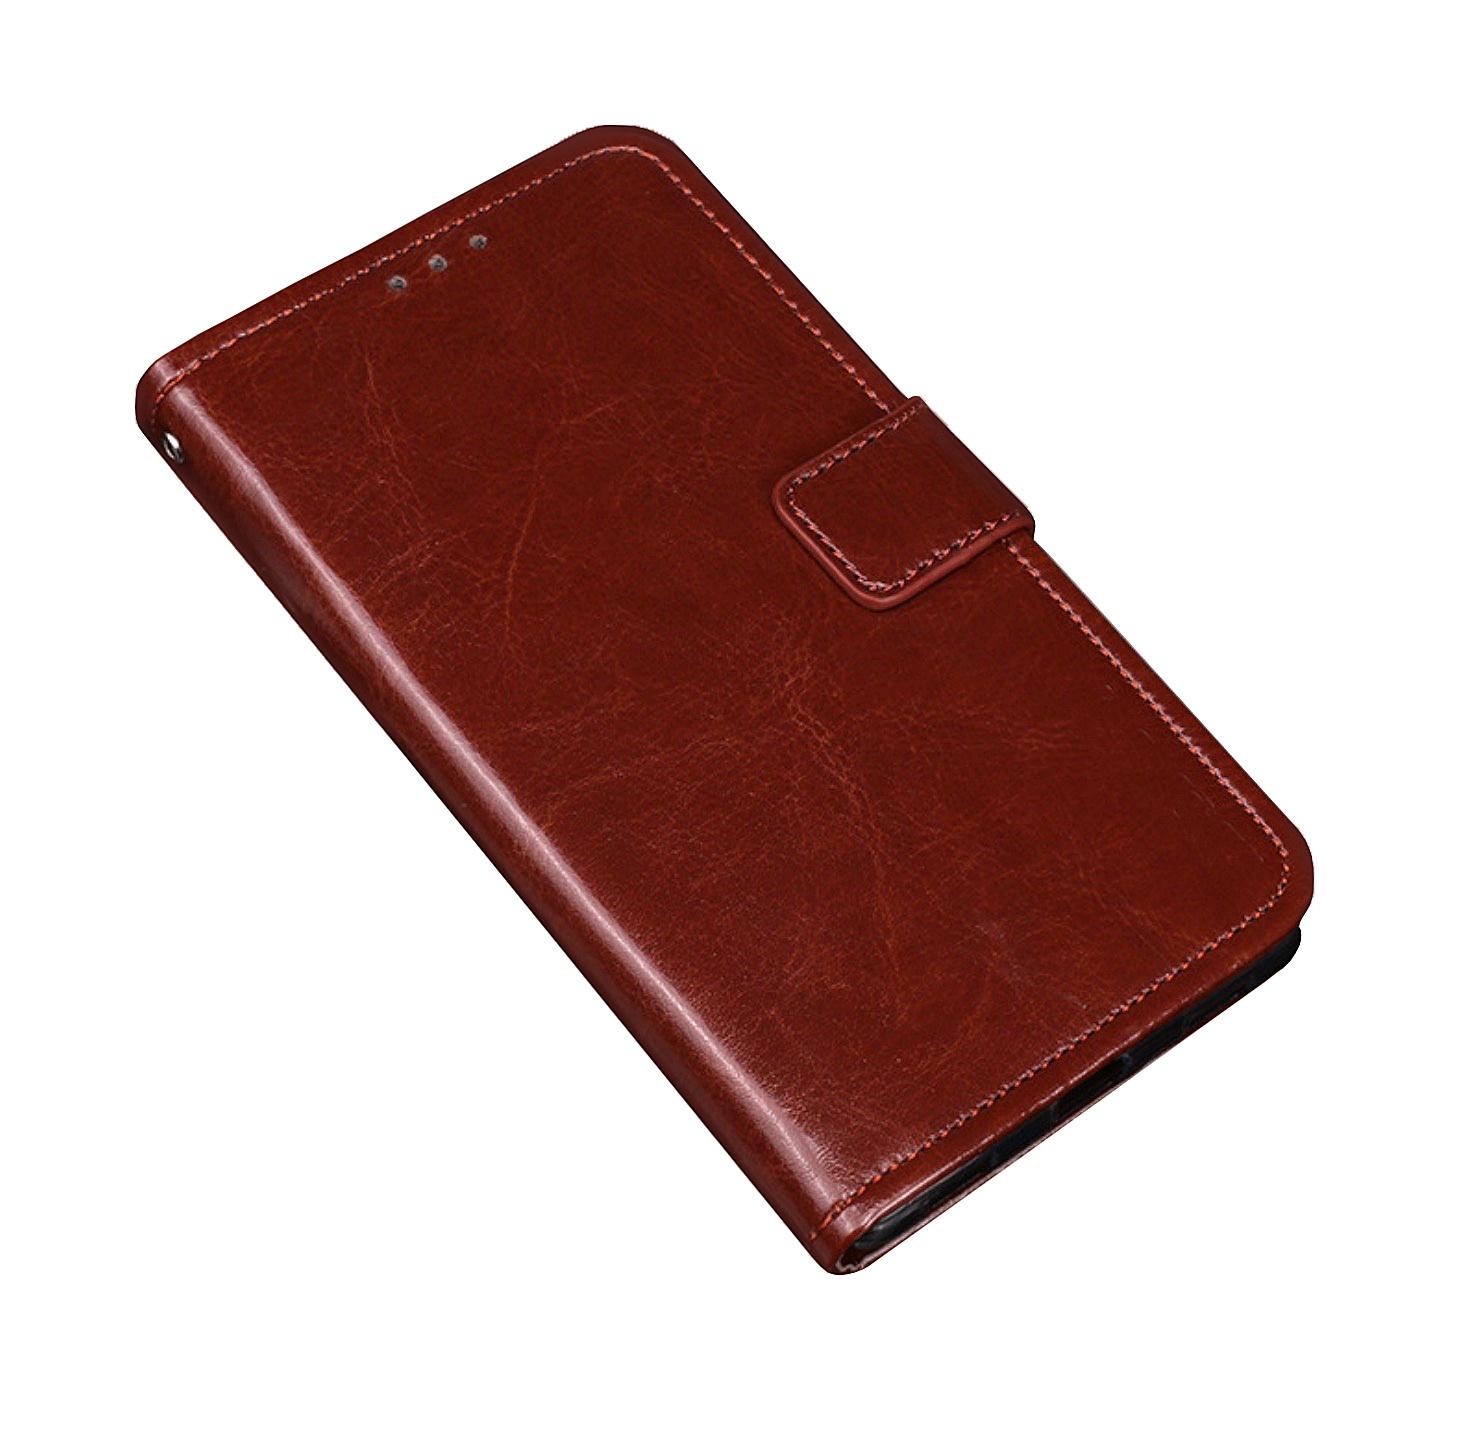 Фирменный чехол-книжка из качественной импортной кожи с мульти-подставкой застёжкой и визитницей для LG G2 mini D618 / D620K коричневый MyPads